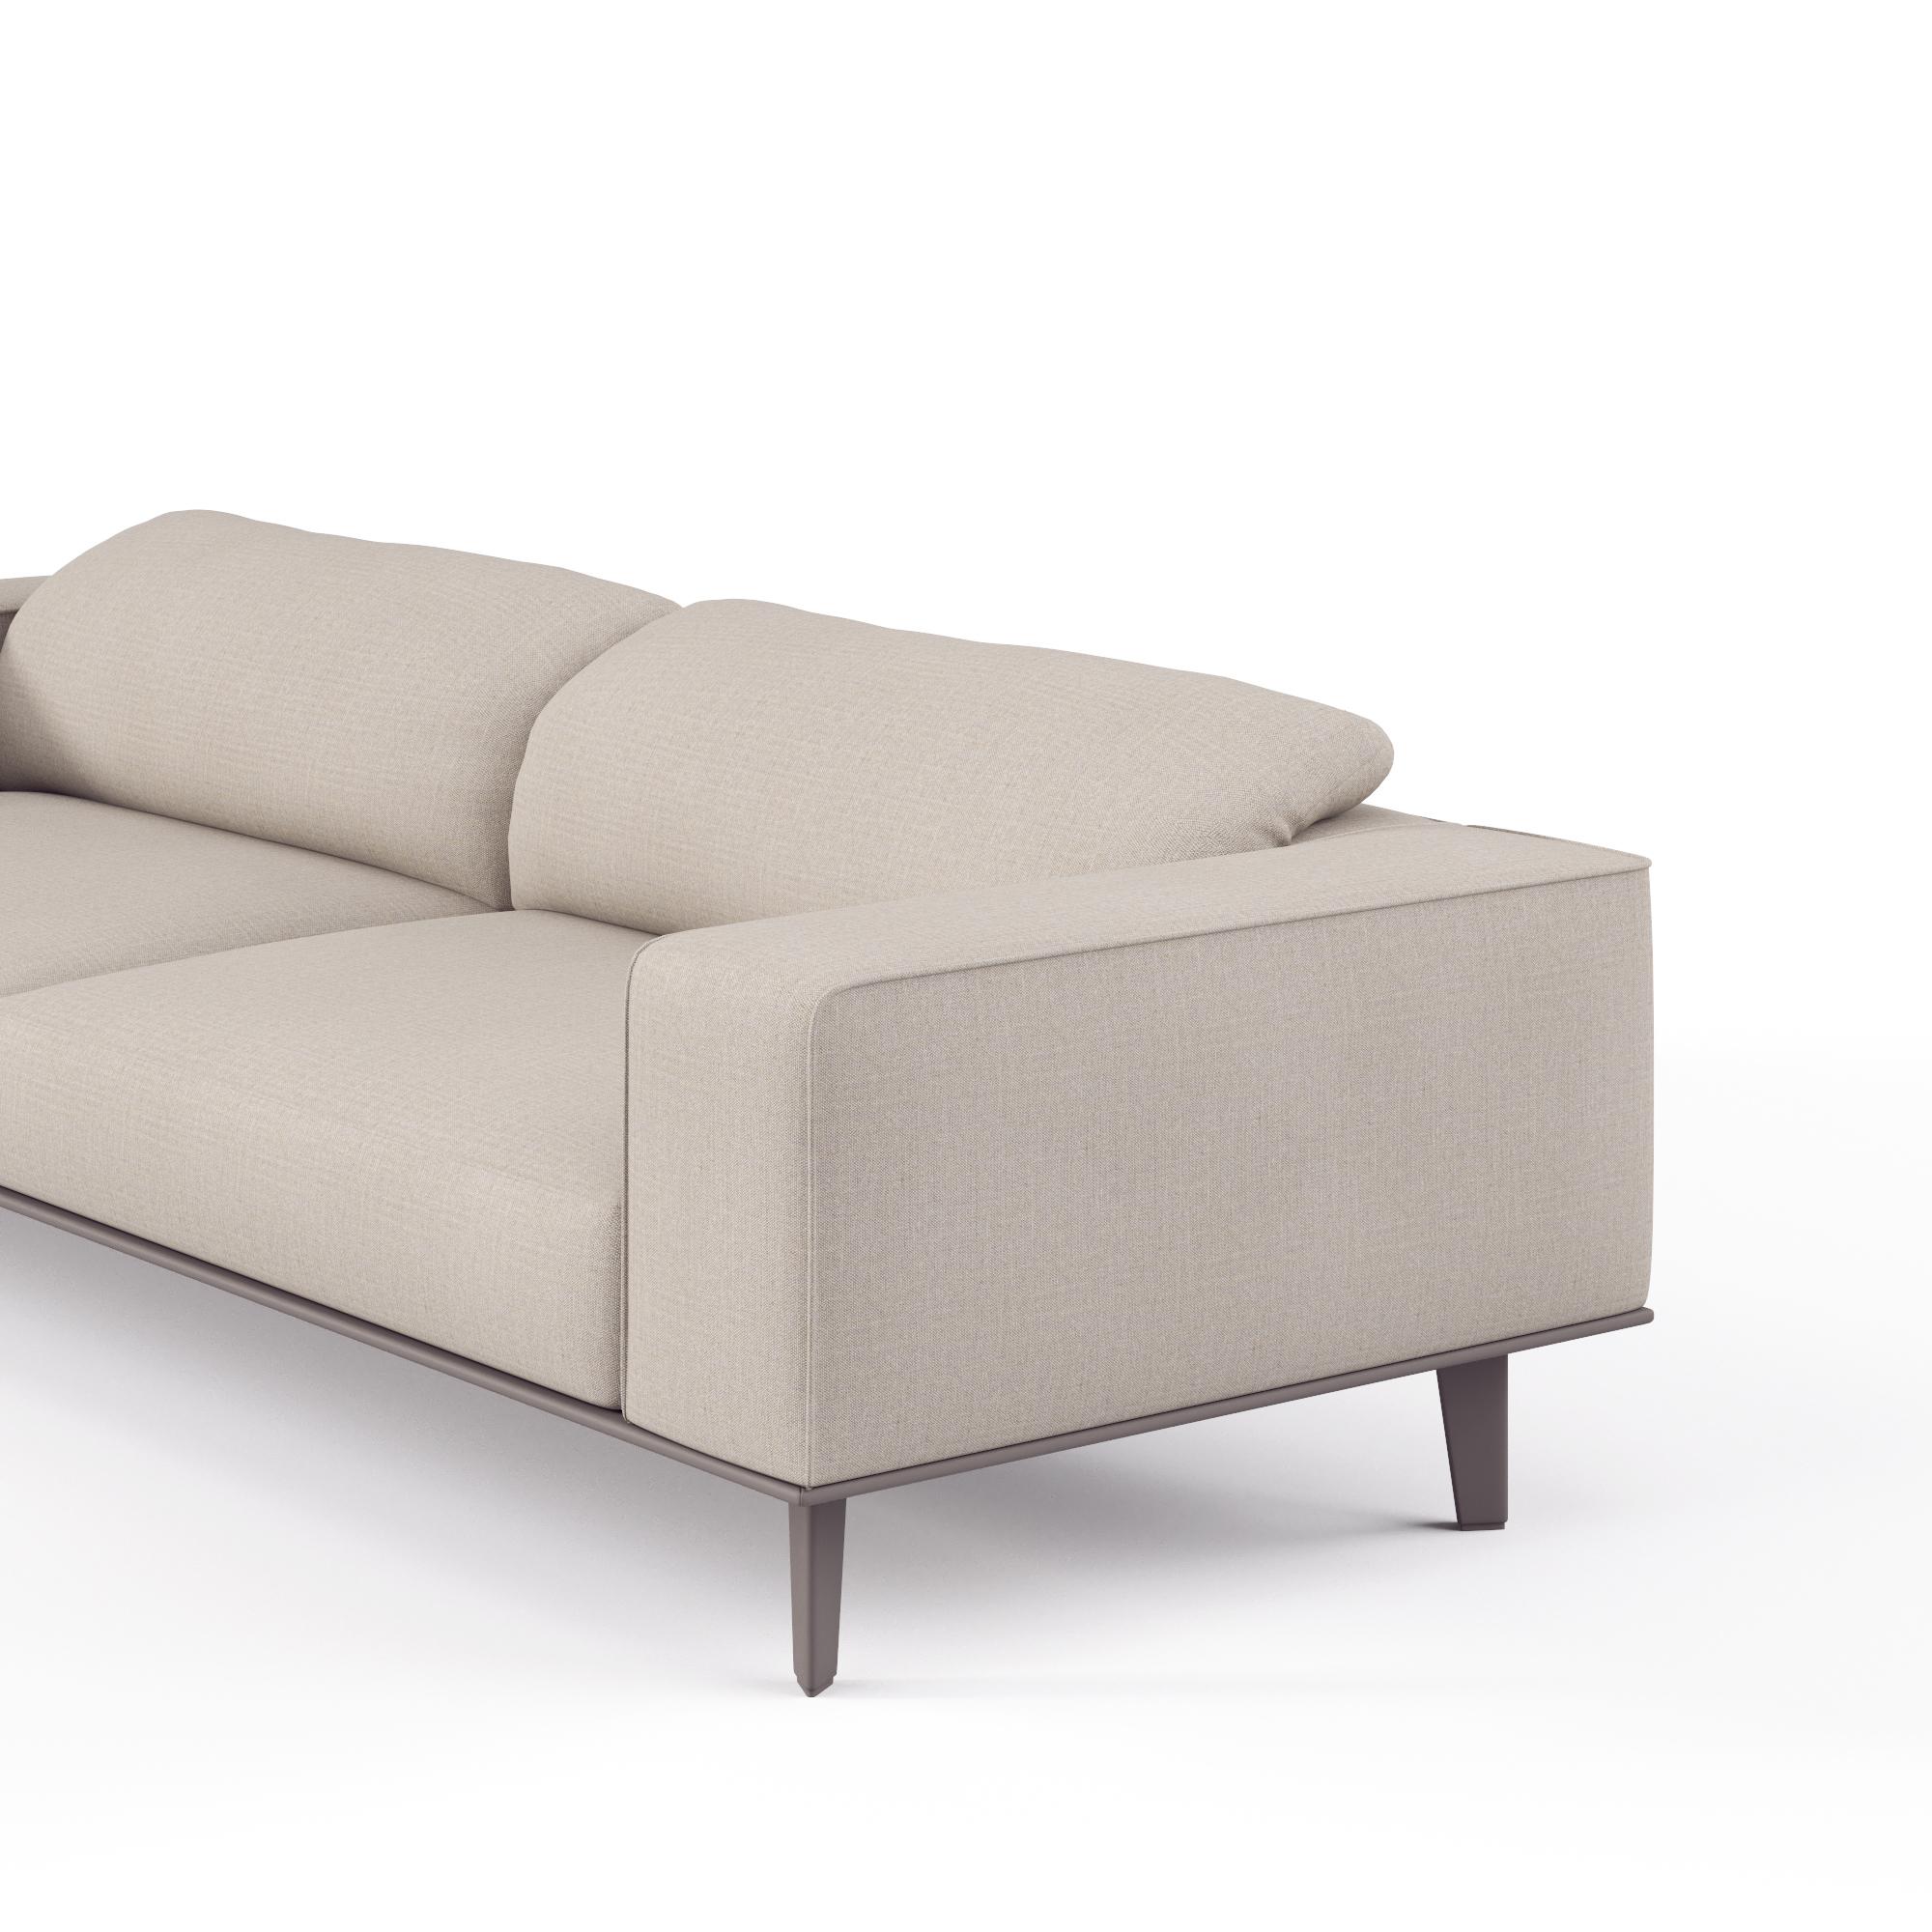 09S_Estel_Comfort&Relax_Sofa_Caresse-En-Vol